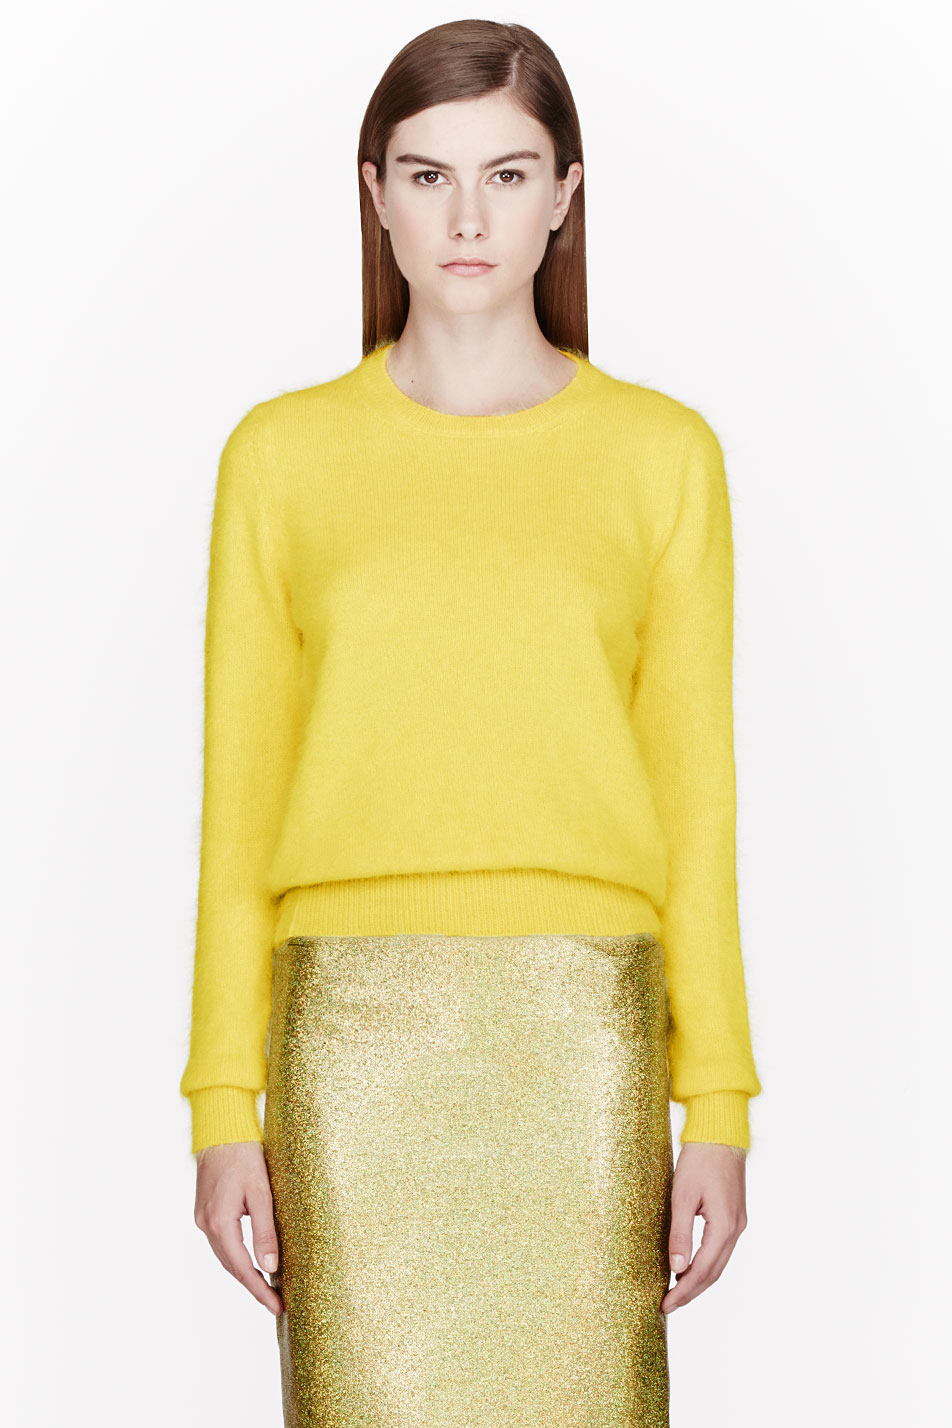 Lala Anthony's $625 Veronique Branquinho Lemon Yellow Angora Sweater |